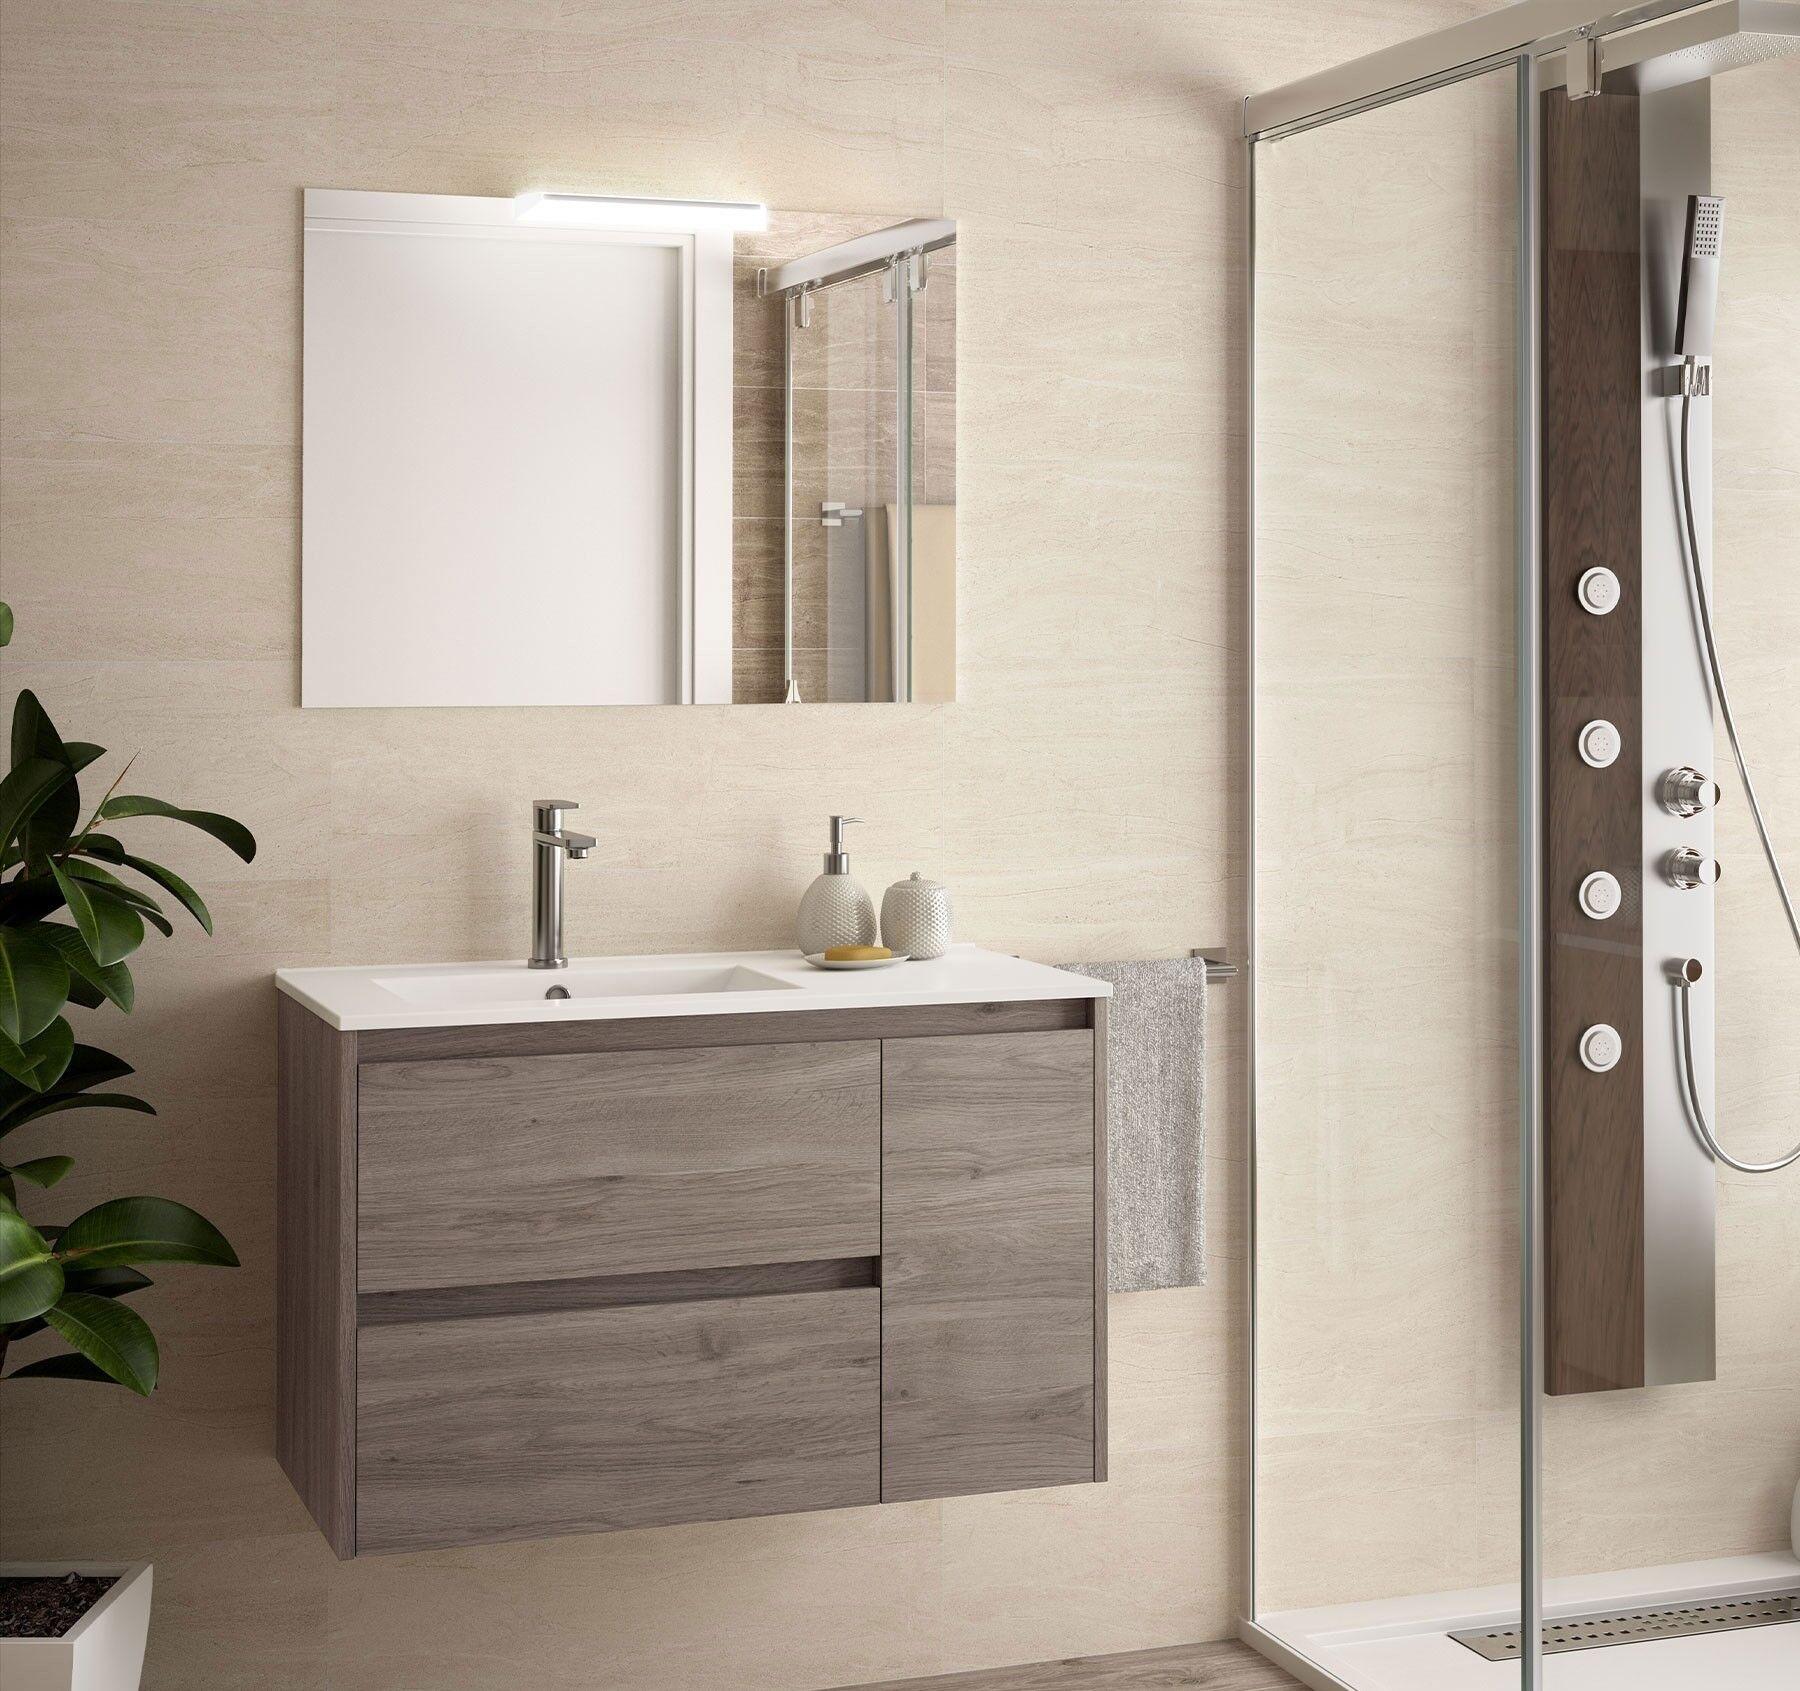 caesaroo mobile bagno sospeso 85 cm in legno rovere eternity con lavabo in porcellana   85 cm - con doppia colonna, specchio e lampada led